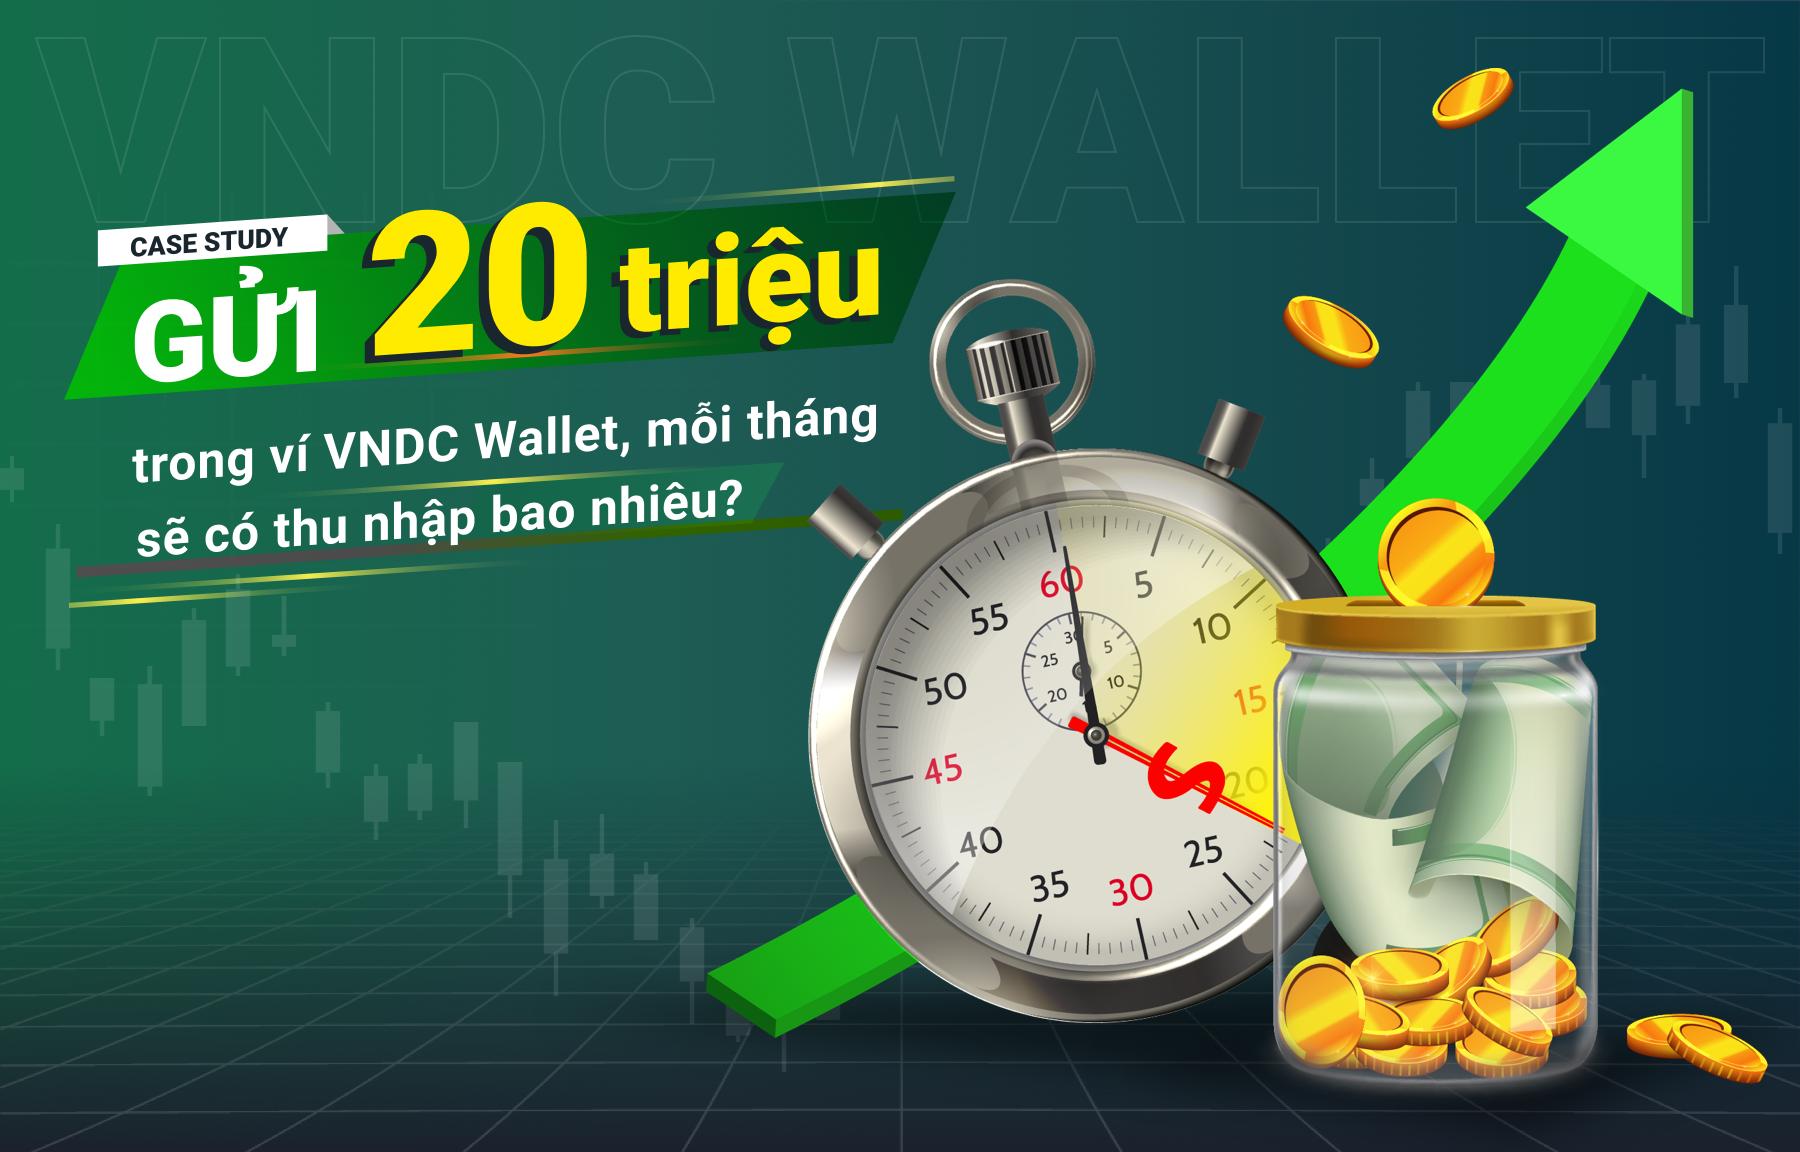 Case study: Gửi 20 triệu trong ví VNDC Wallet, mỗi tháng sẽ có thu nhập bao nhiêu?